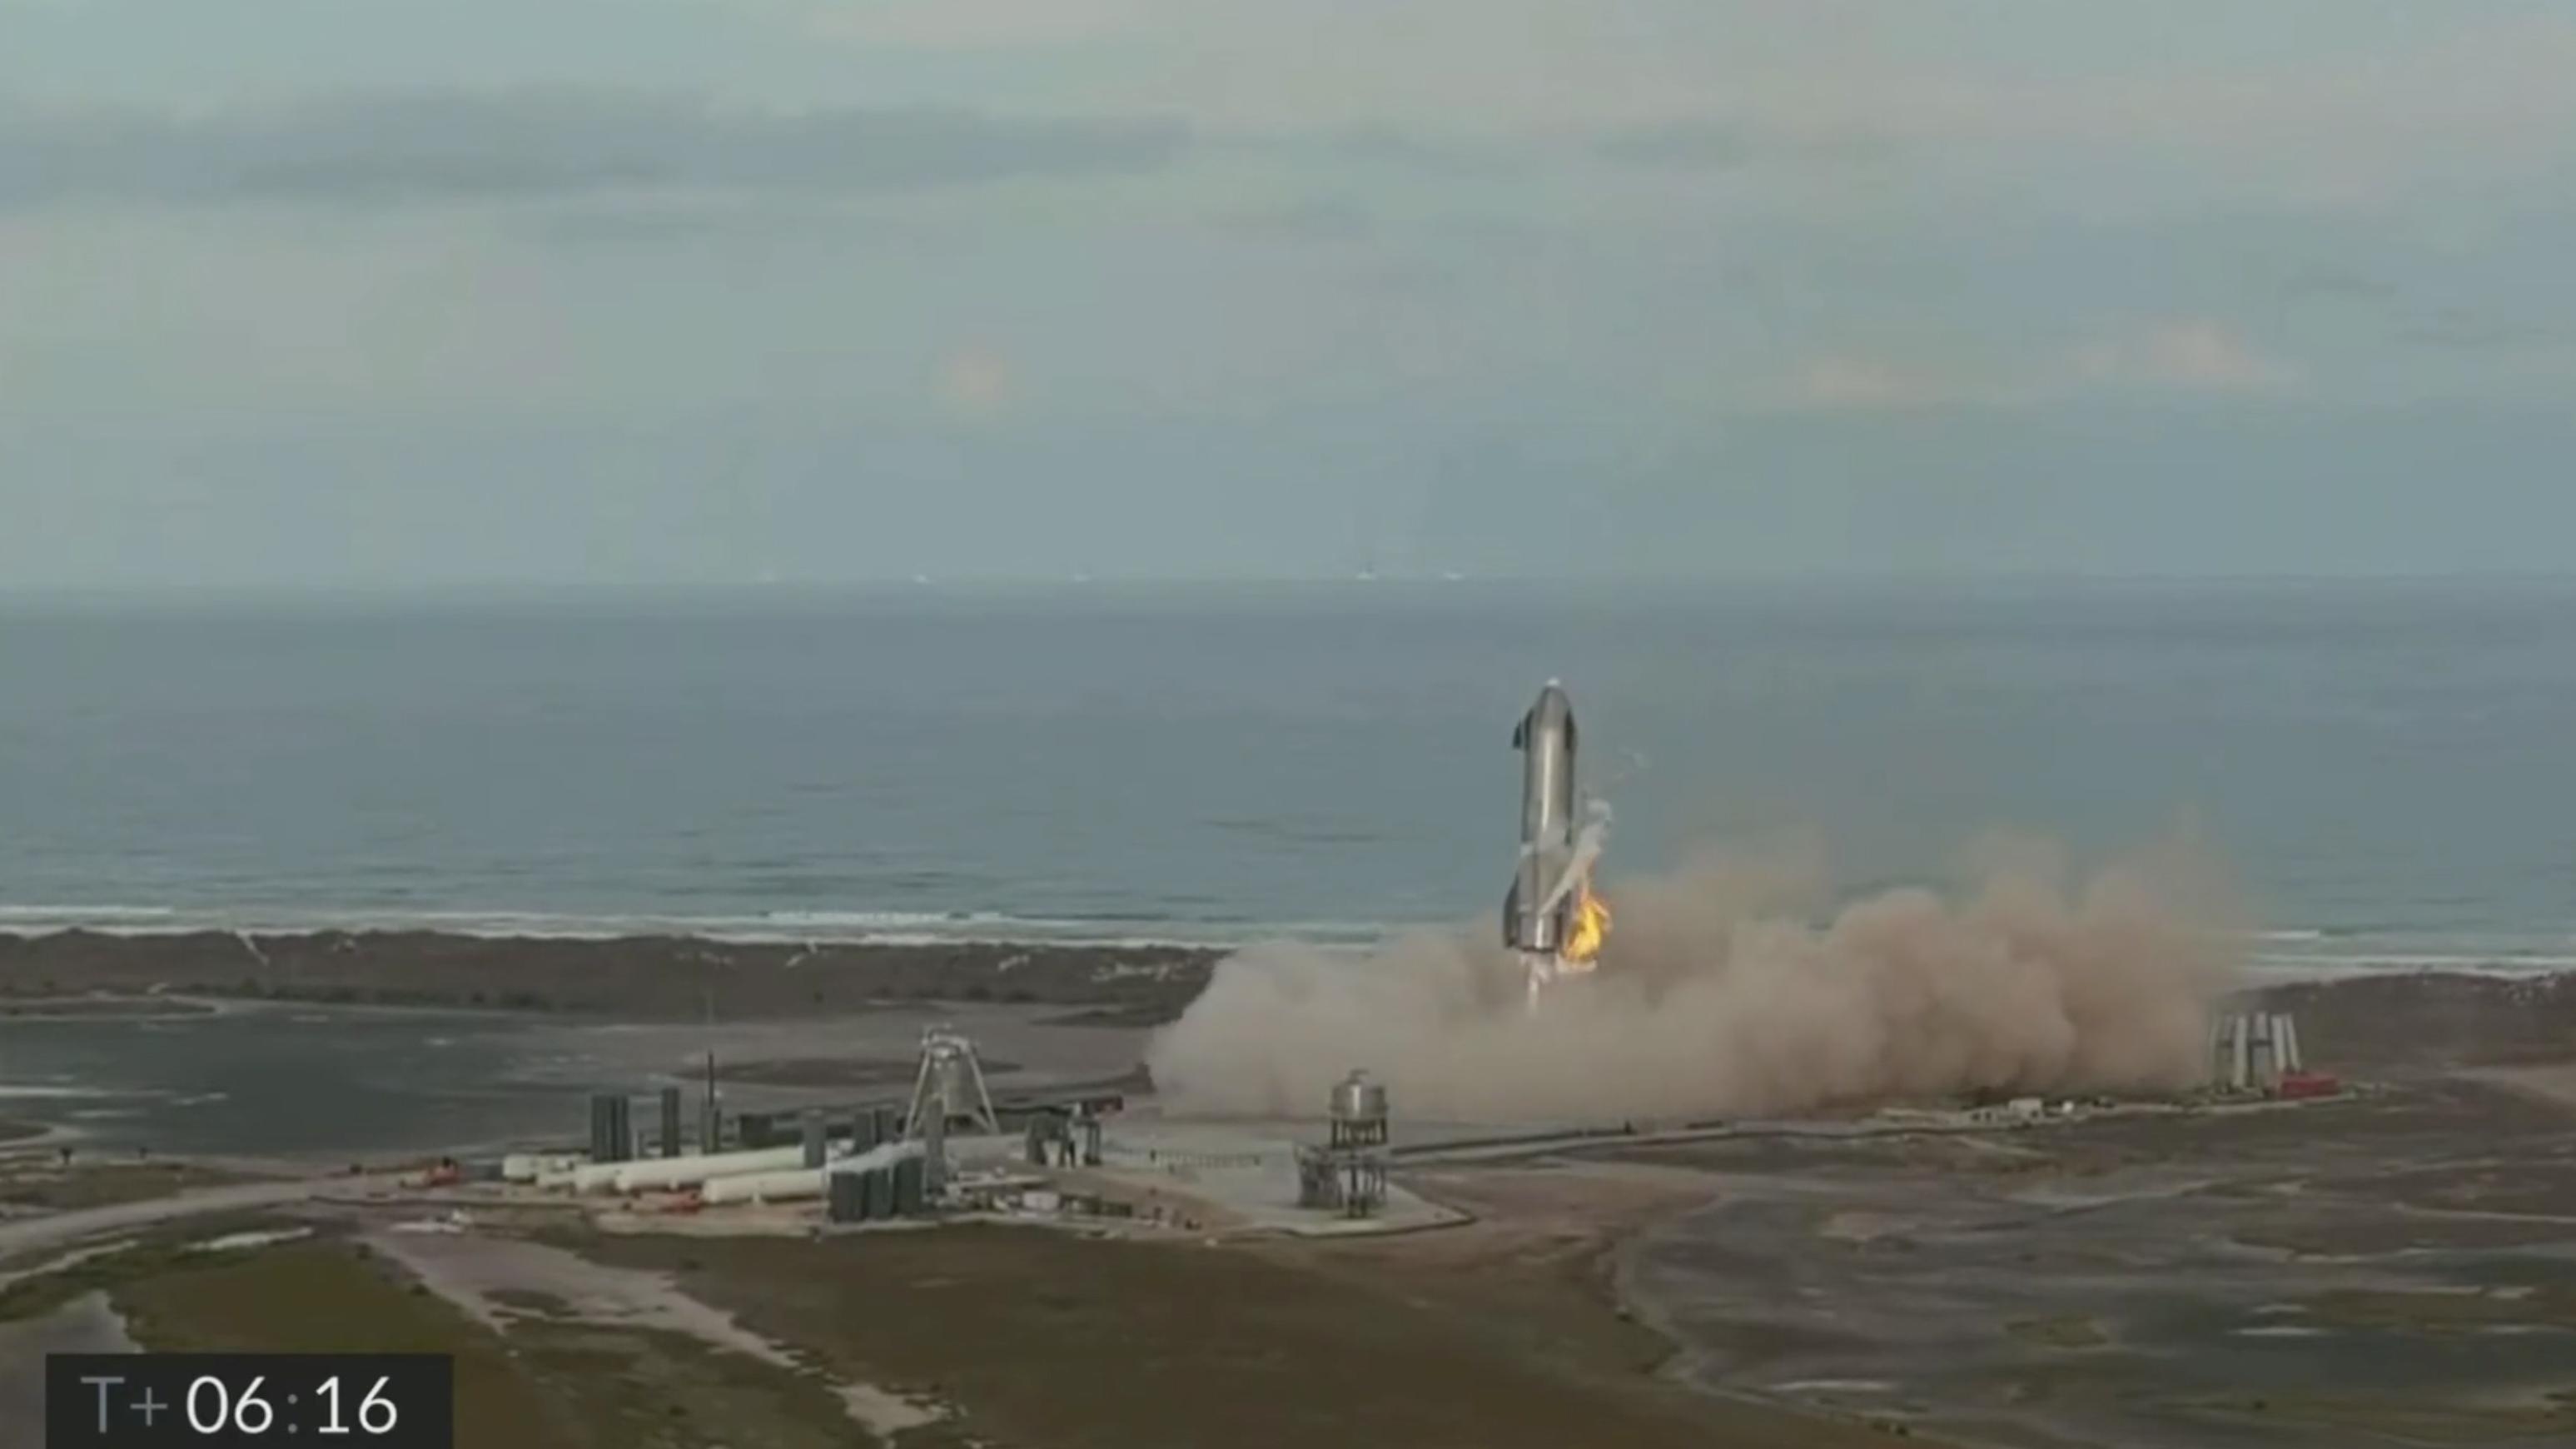 Le prototype de fusée Starship SN10 de SpaceX a terminé un test de lancement mercredi 3 mars, et même s'il a eu un décollage et un atterrissage en douceur réussis, il a explosé lors de son atterrissage sur le site de la société à Boca Chica, au Texas.